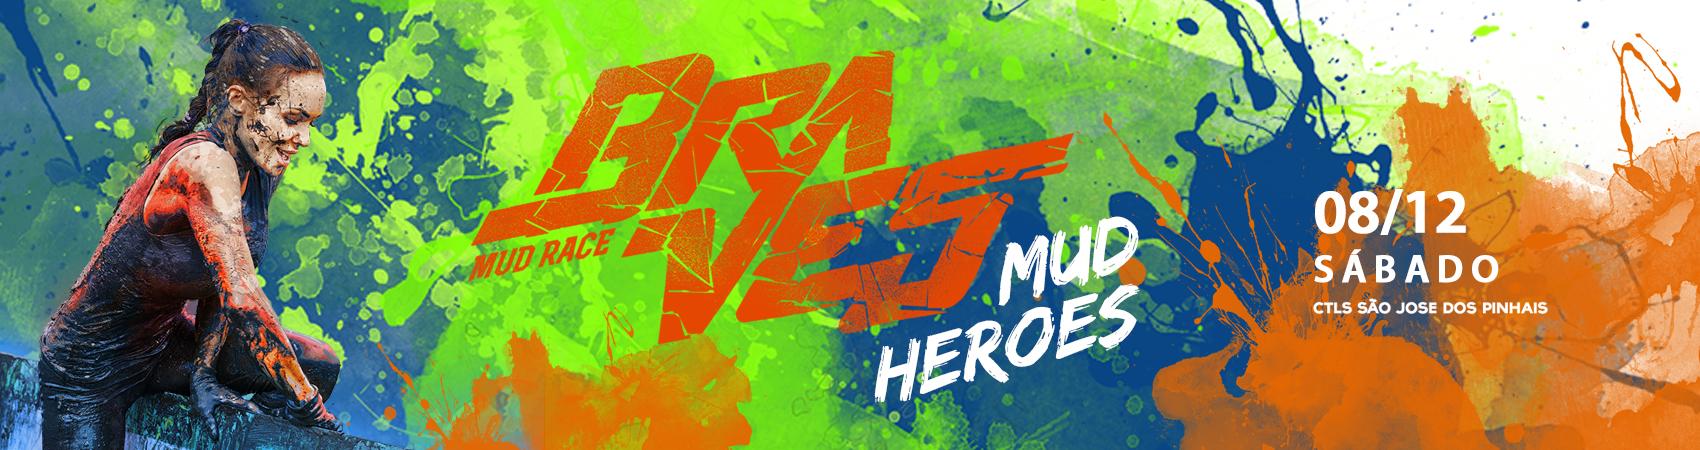 BRAVES MUD RACE - MUD HEROES